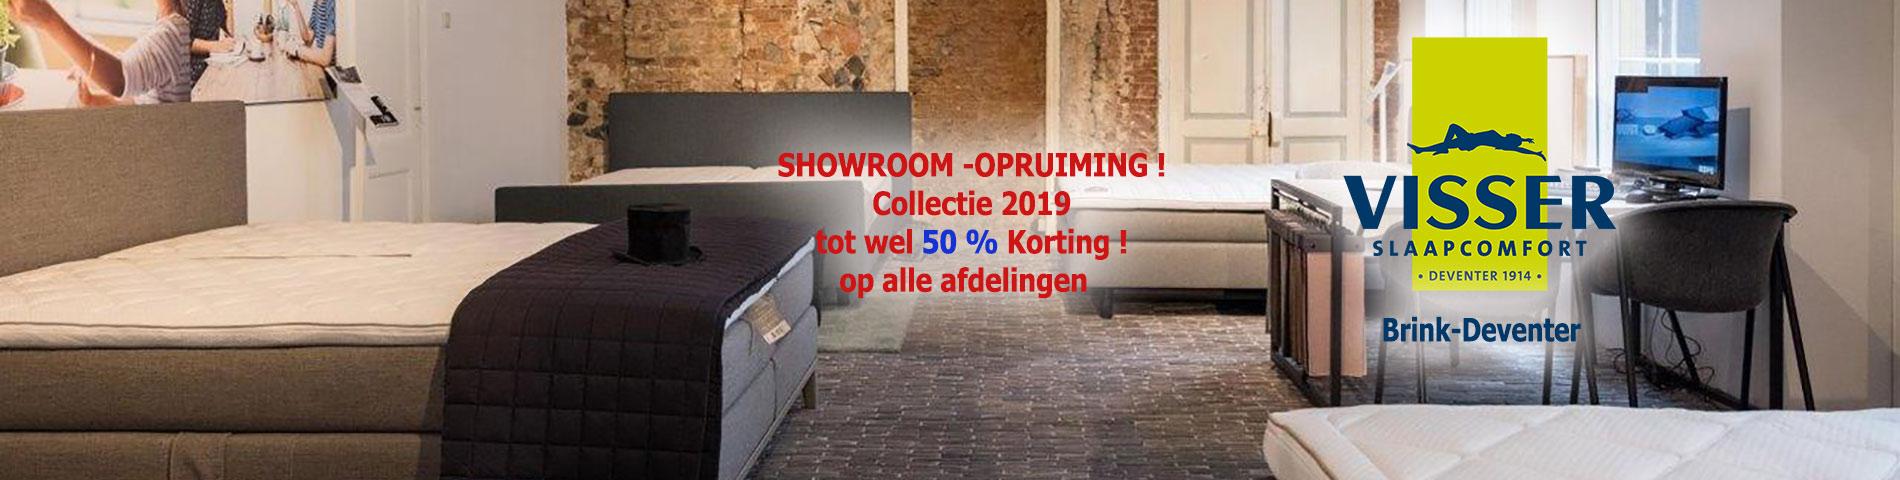 banner-showroom-opruiming